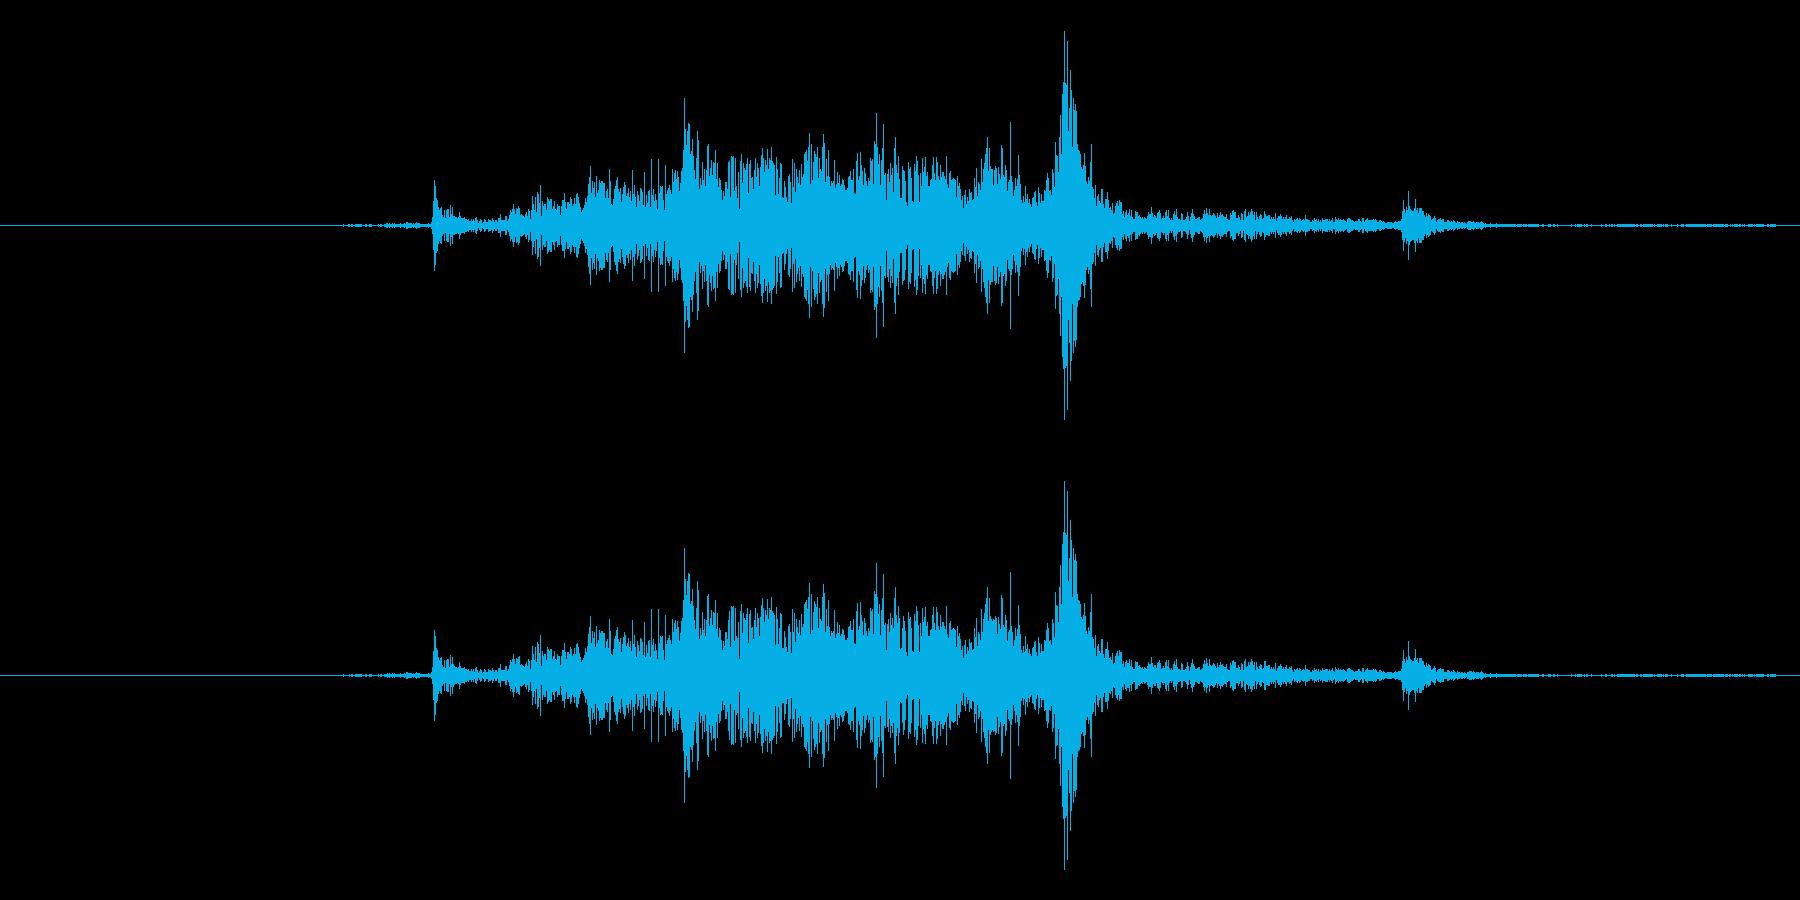 カーテンを開ける音(シャー)の再生済みの波形